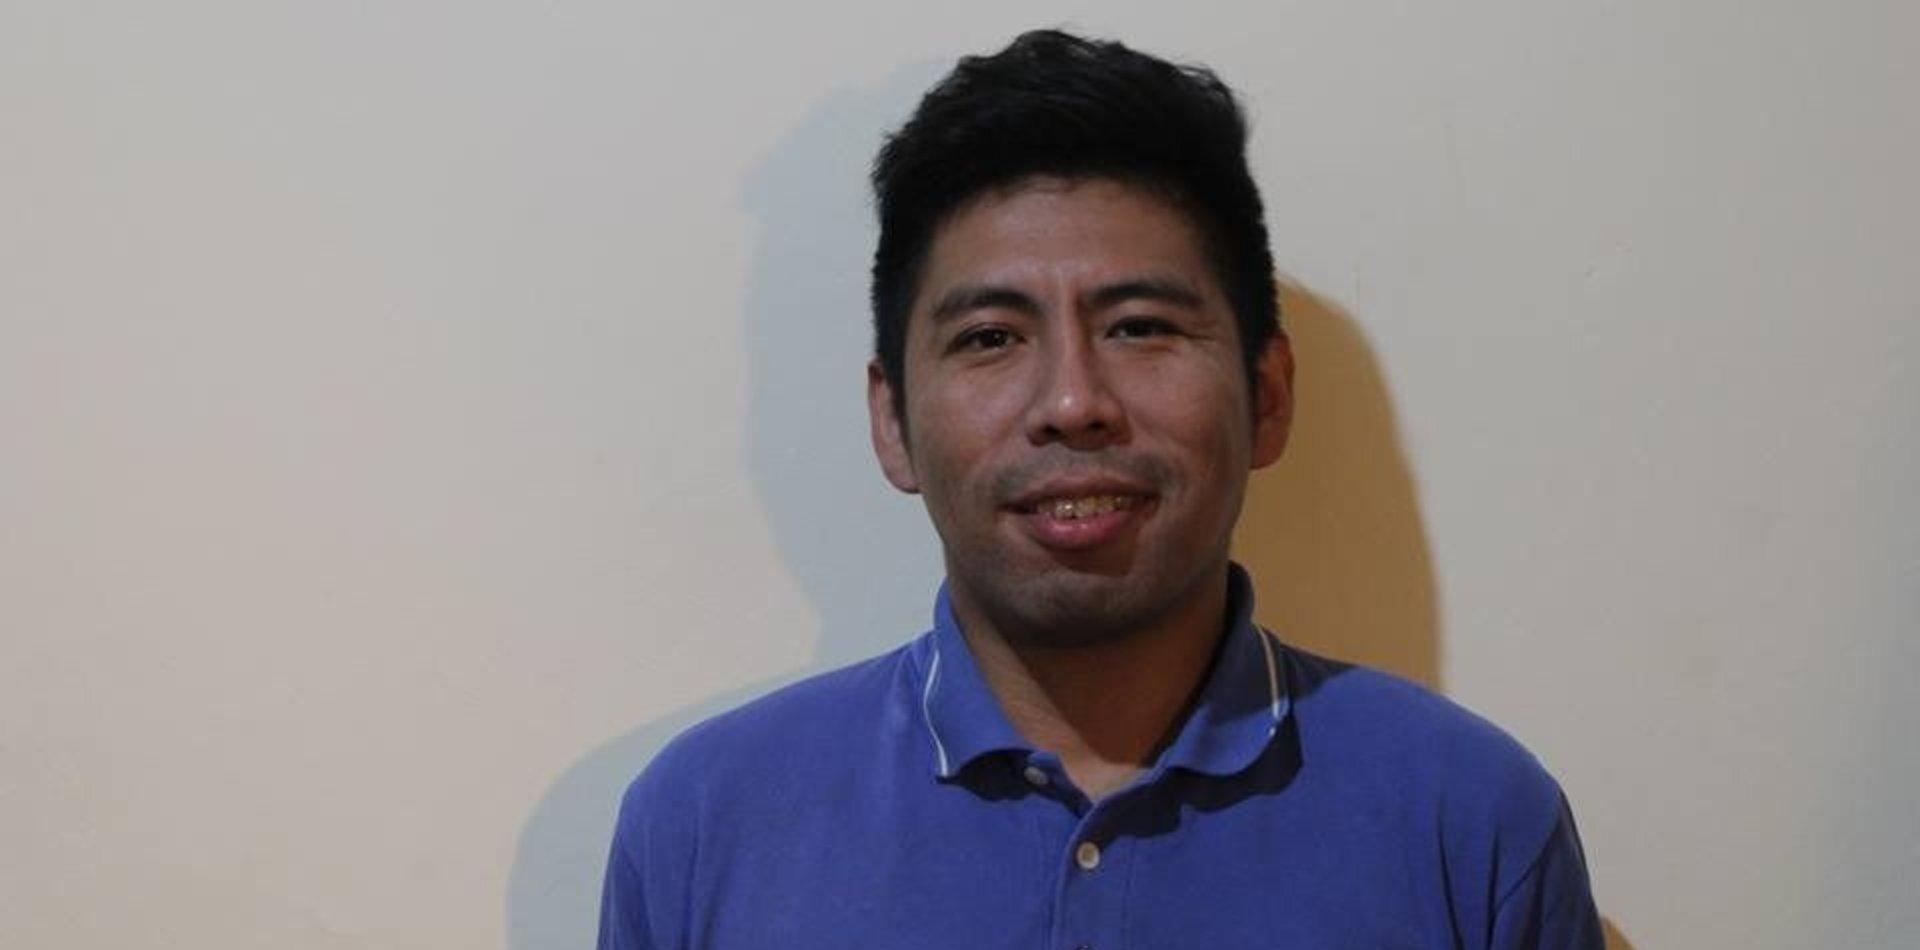 Salvaje ataque homofóbico y xenófobo contra el hermano de Emilia Uscamayta Curi